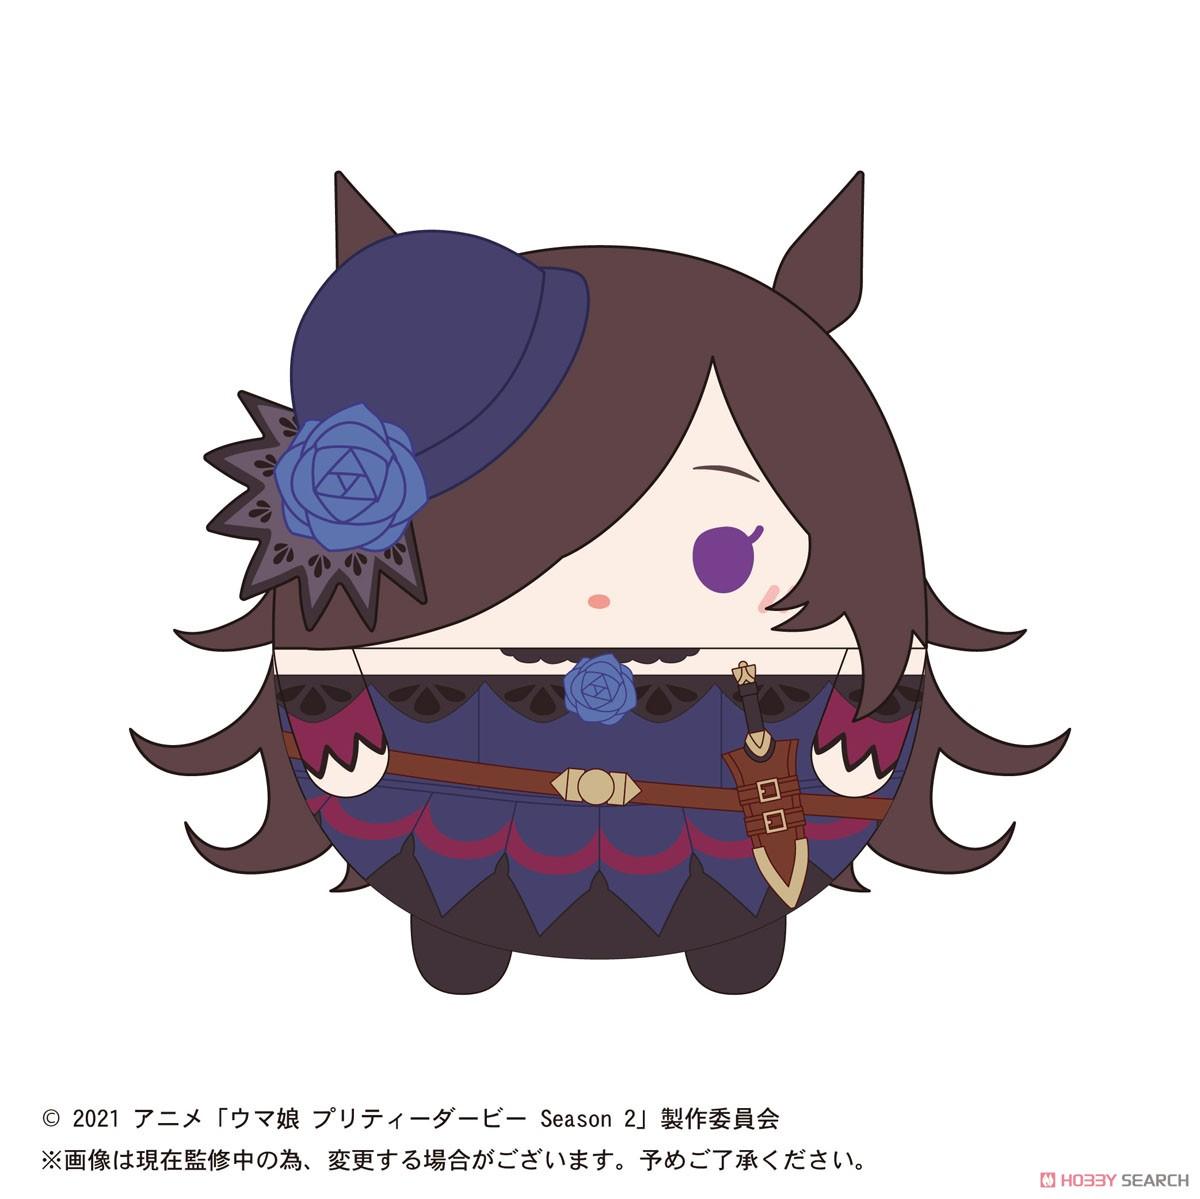 ウマ娘『TVアニメ ウマ娘 プリティーダービー Season2 ふわコロりん』8個入りBOX-016